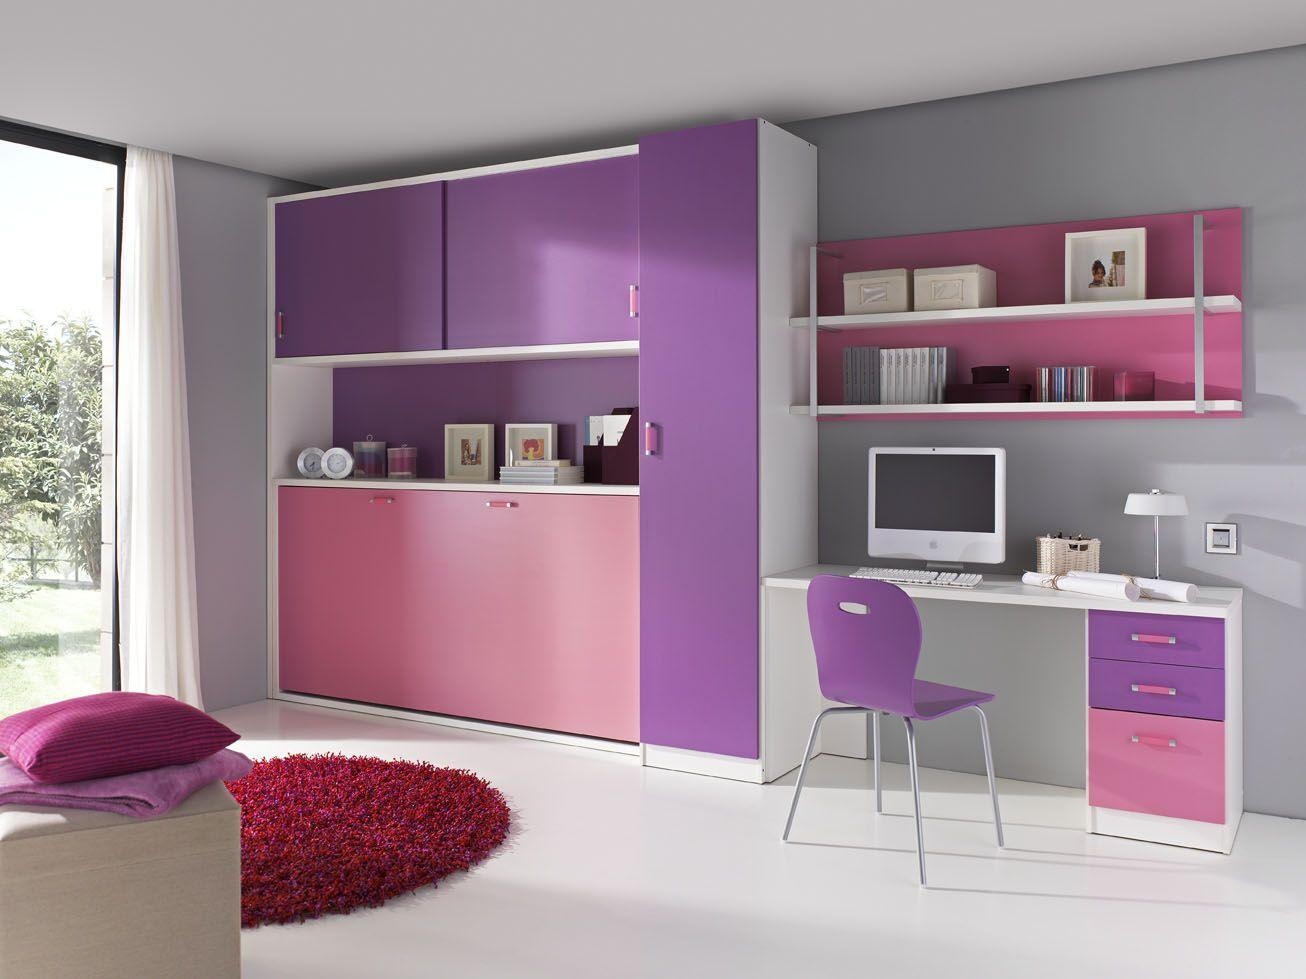 Pin De Josefina Bornay En Habitaciones Infantiles Pinterest  # Muebles Habitacion Ninos